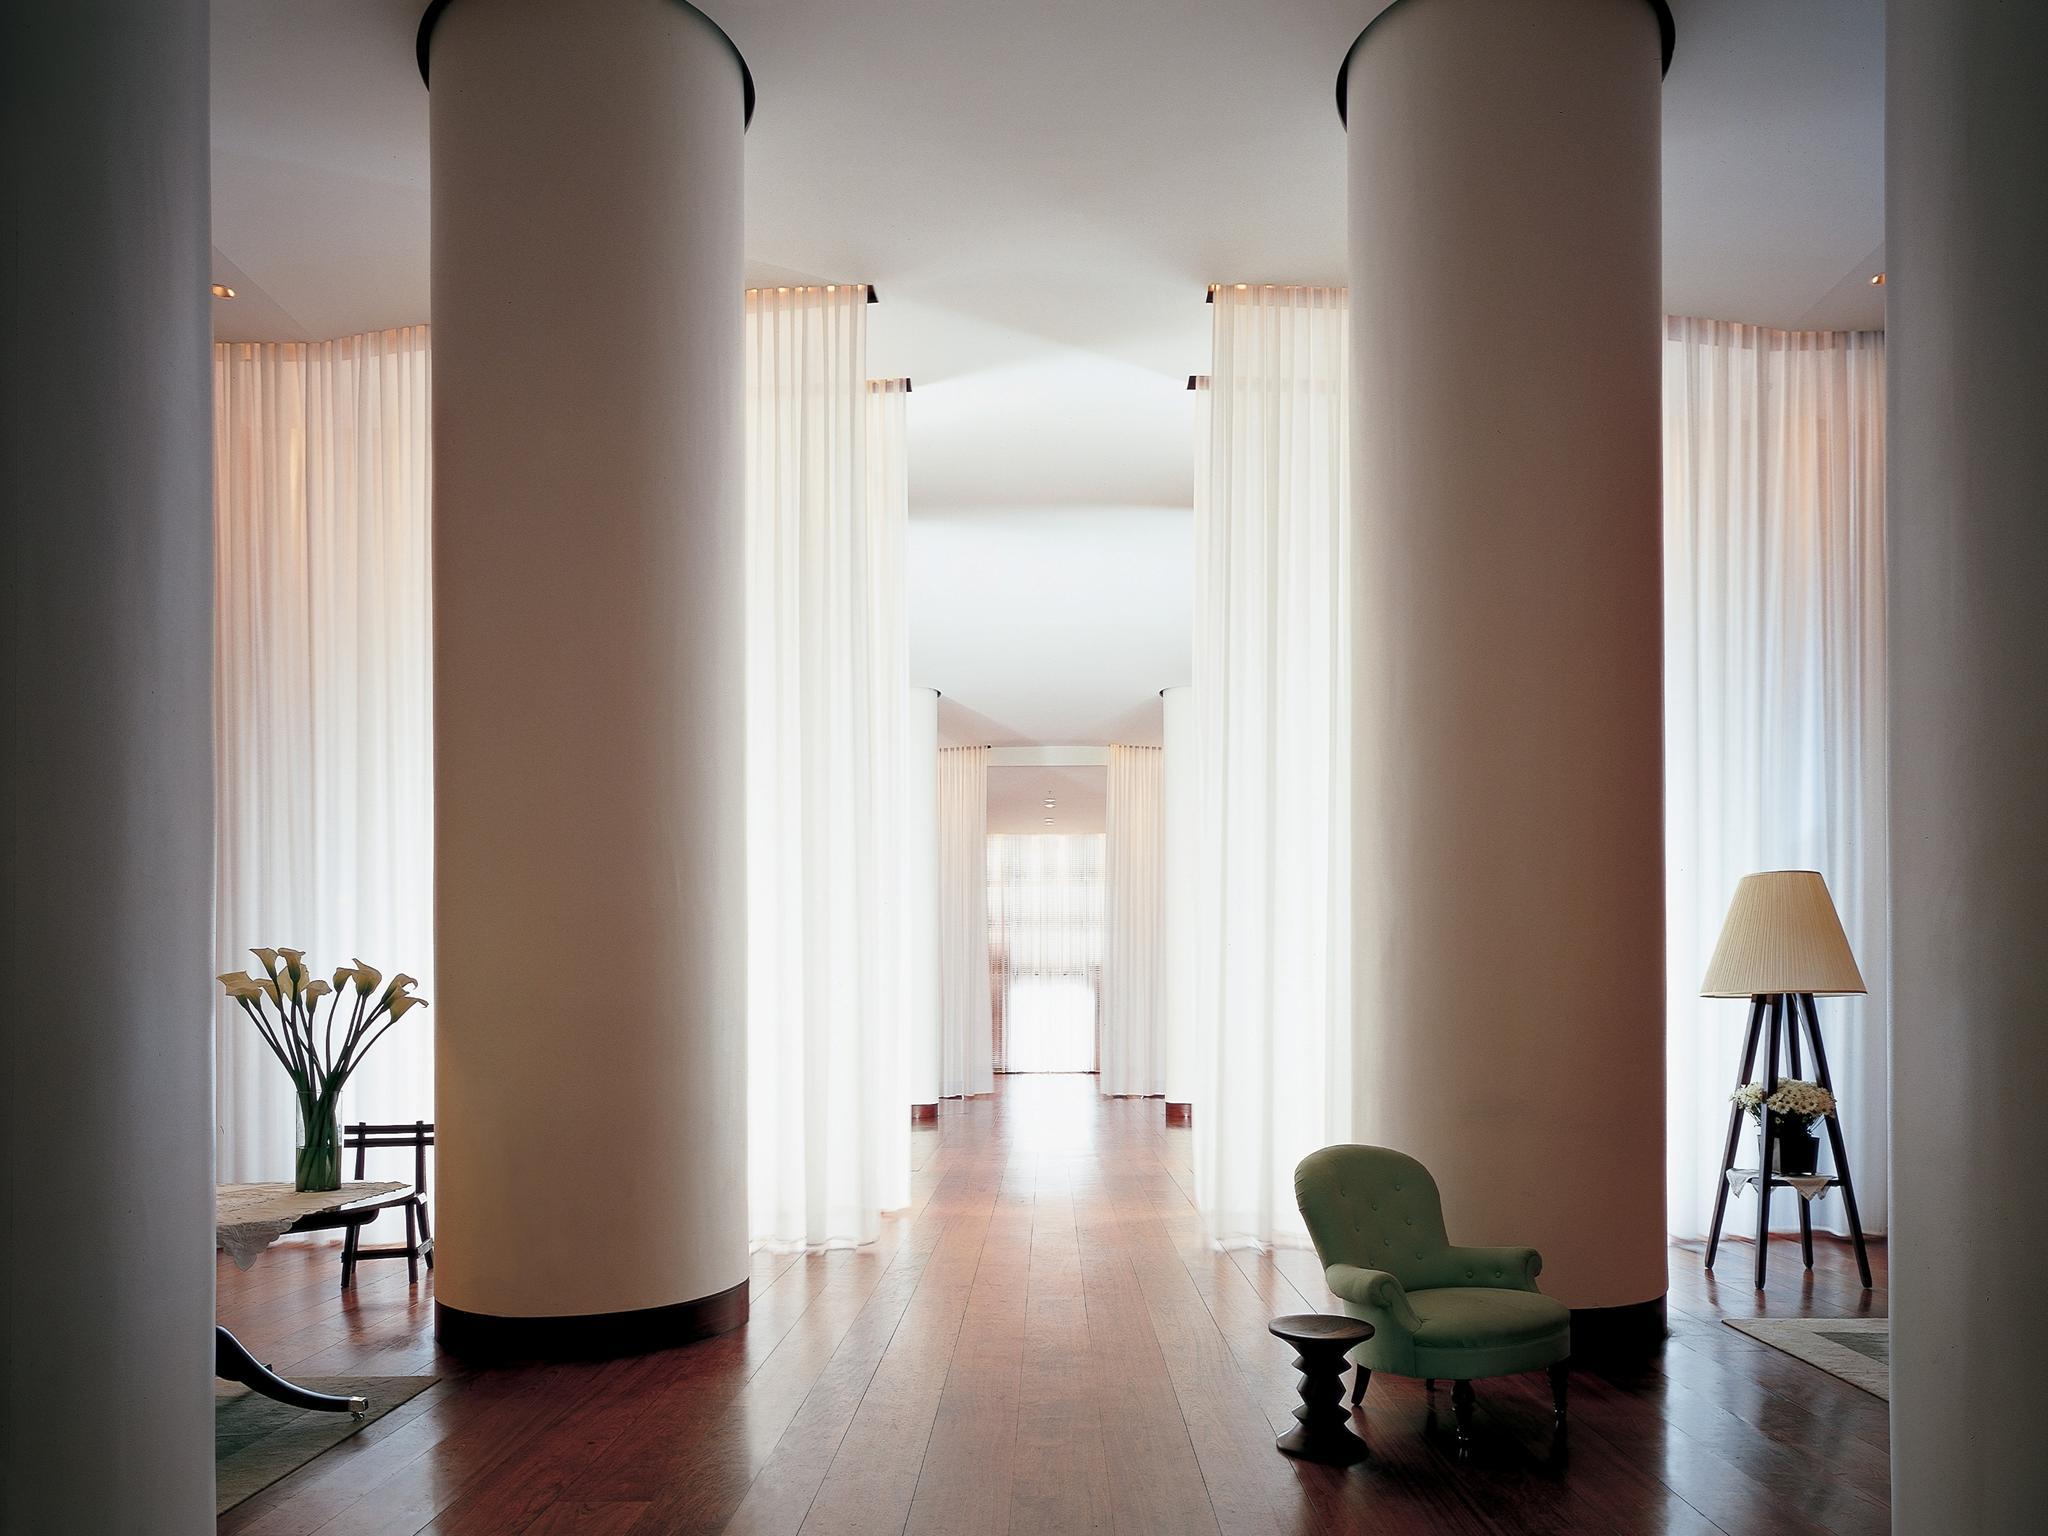 Hotel Hotel Foyer : Delano hotel miami beach the trendy guide